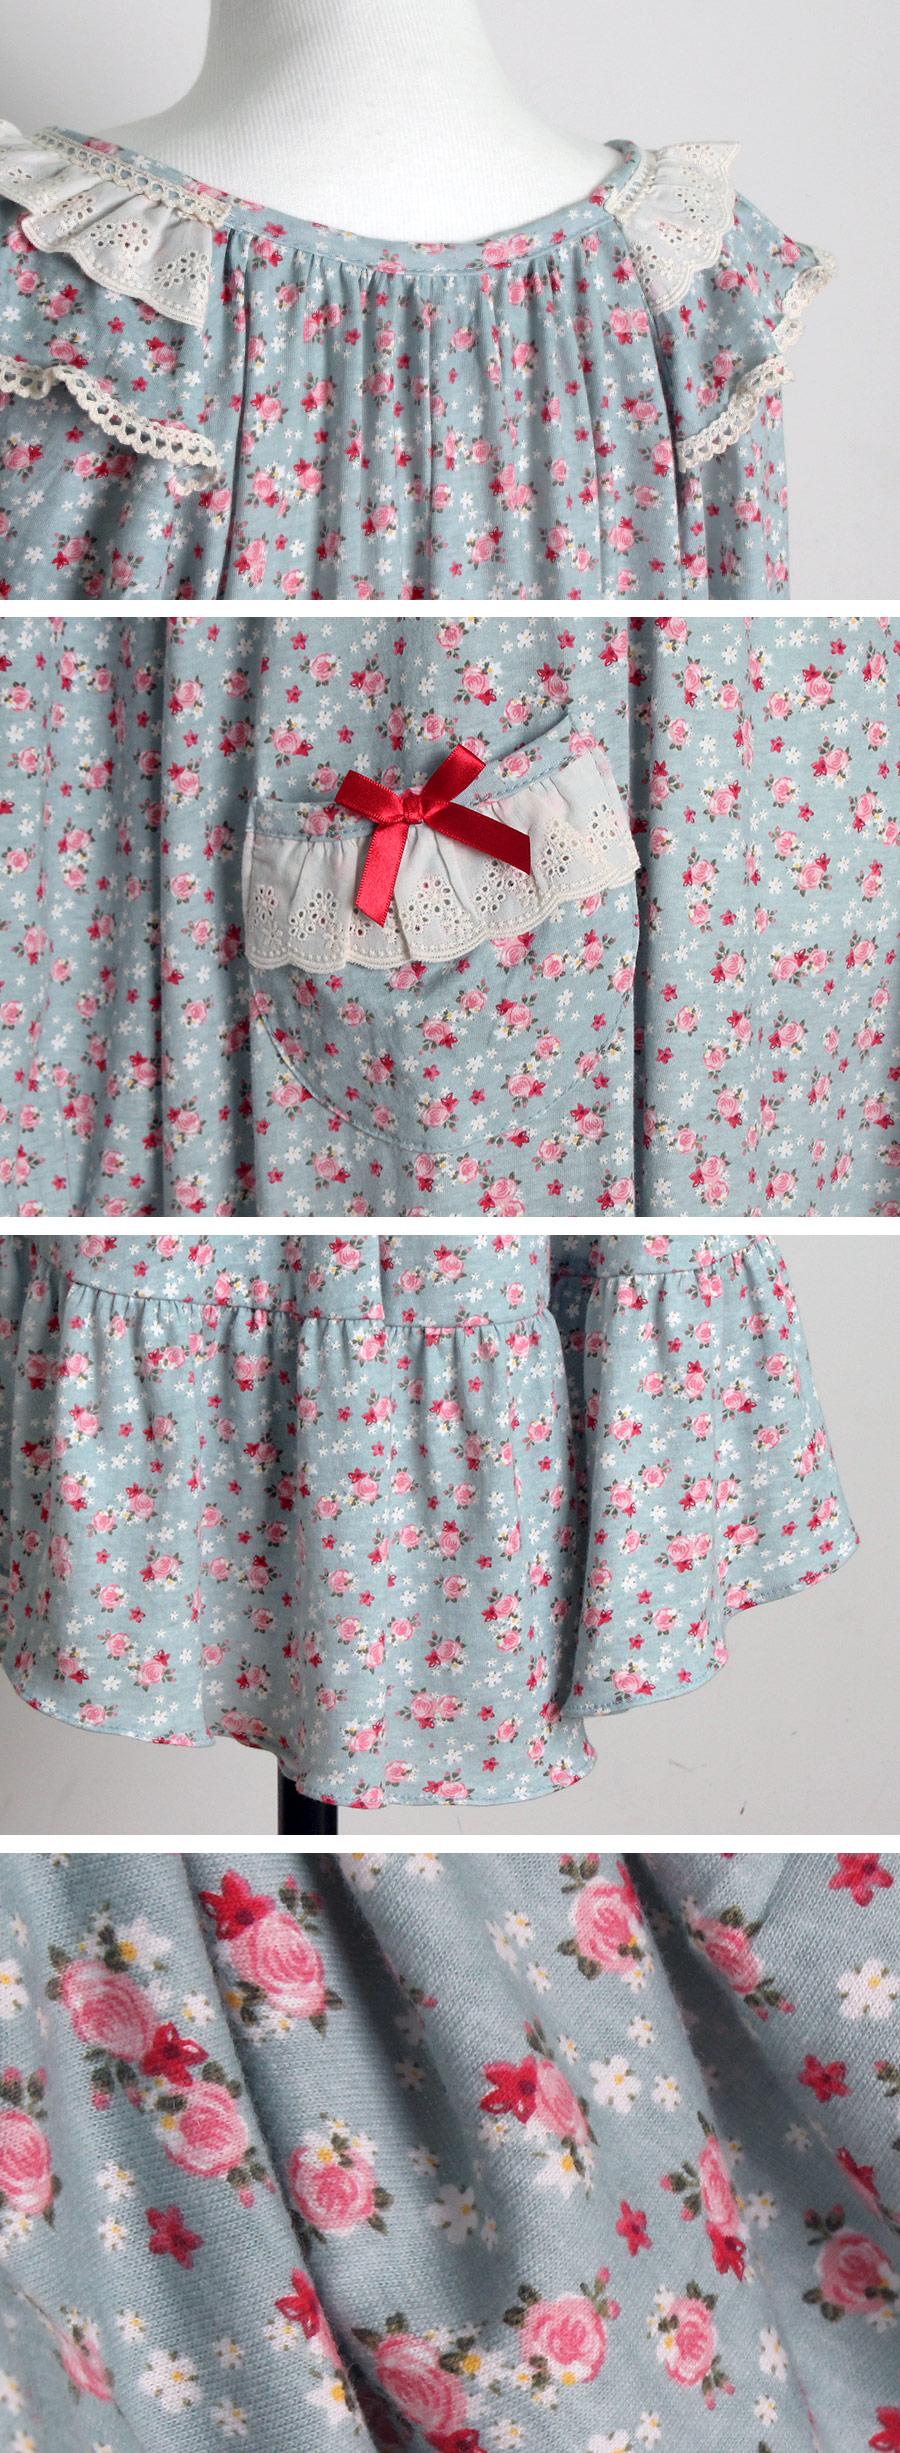 로즈 순면 홈웨어 원피스잠옷 - 바이메이비, 56,500원, 잠옷, 원피스잠옷